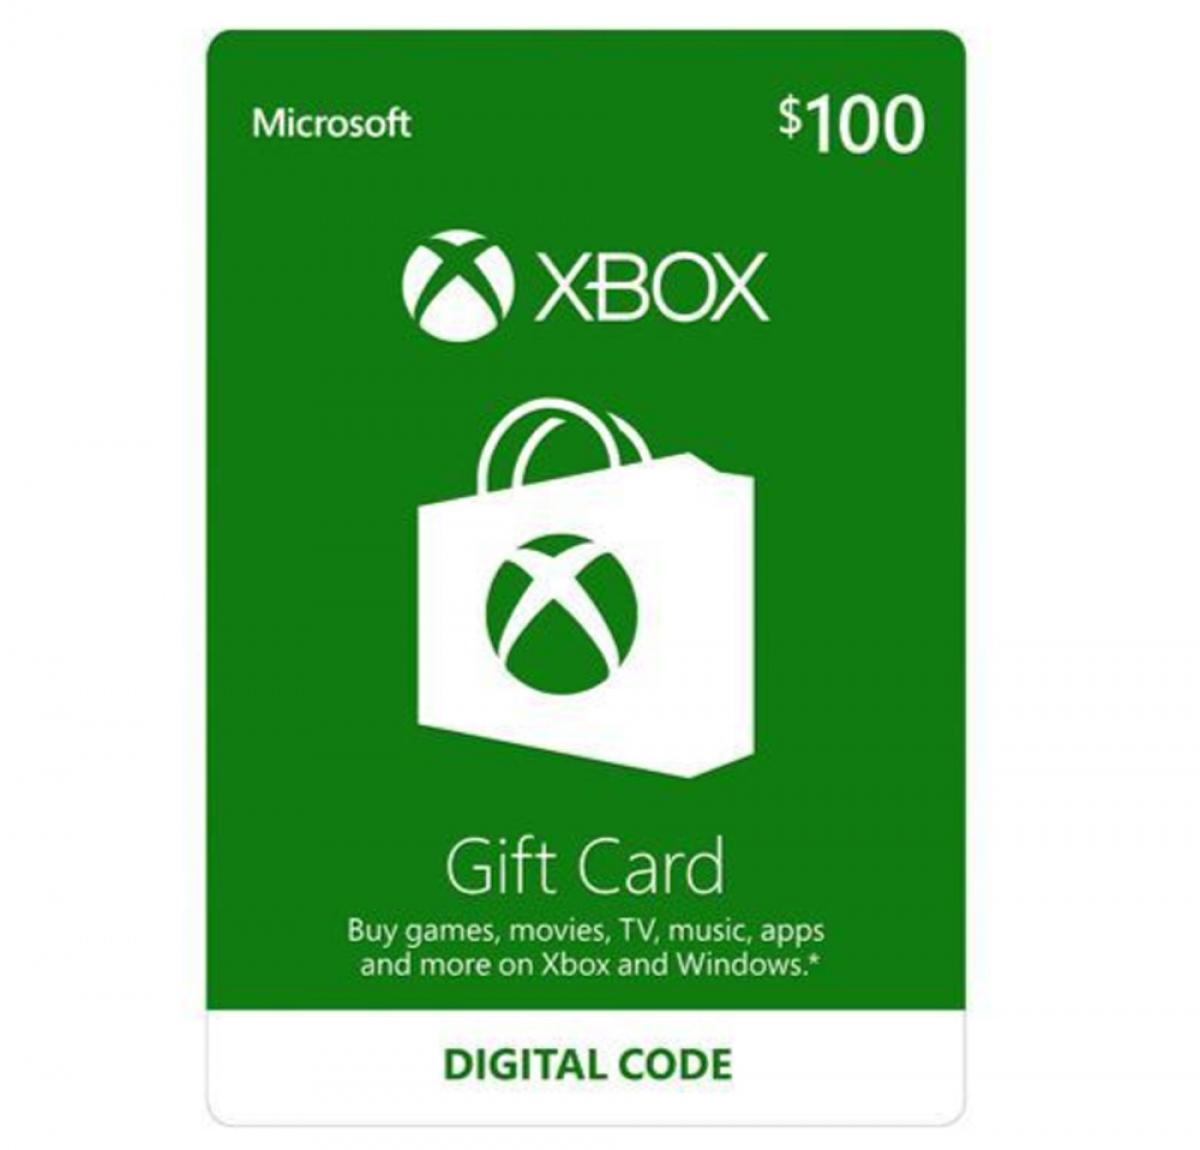 Thẻ Xbox gift card trị giá 100 USD đang được nhiều khách hàng ưa chuộng để làm quà tặng dịp GIáng Sinh. Thẻ có thể dùng để tải nhạc, xem video và chơi games...